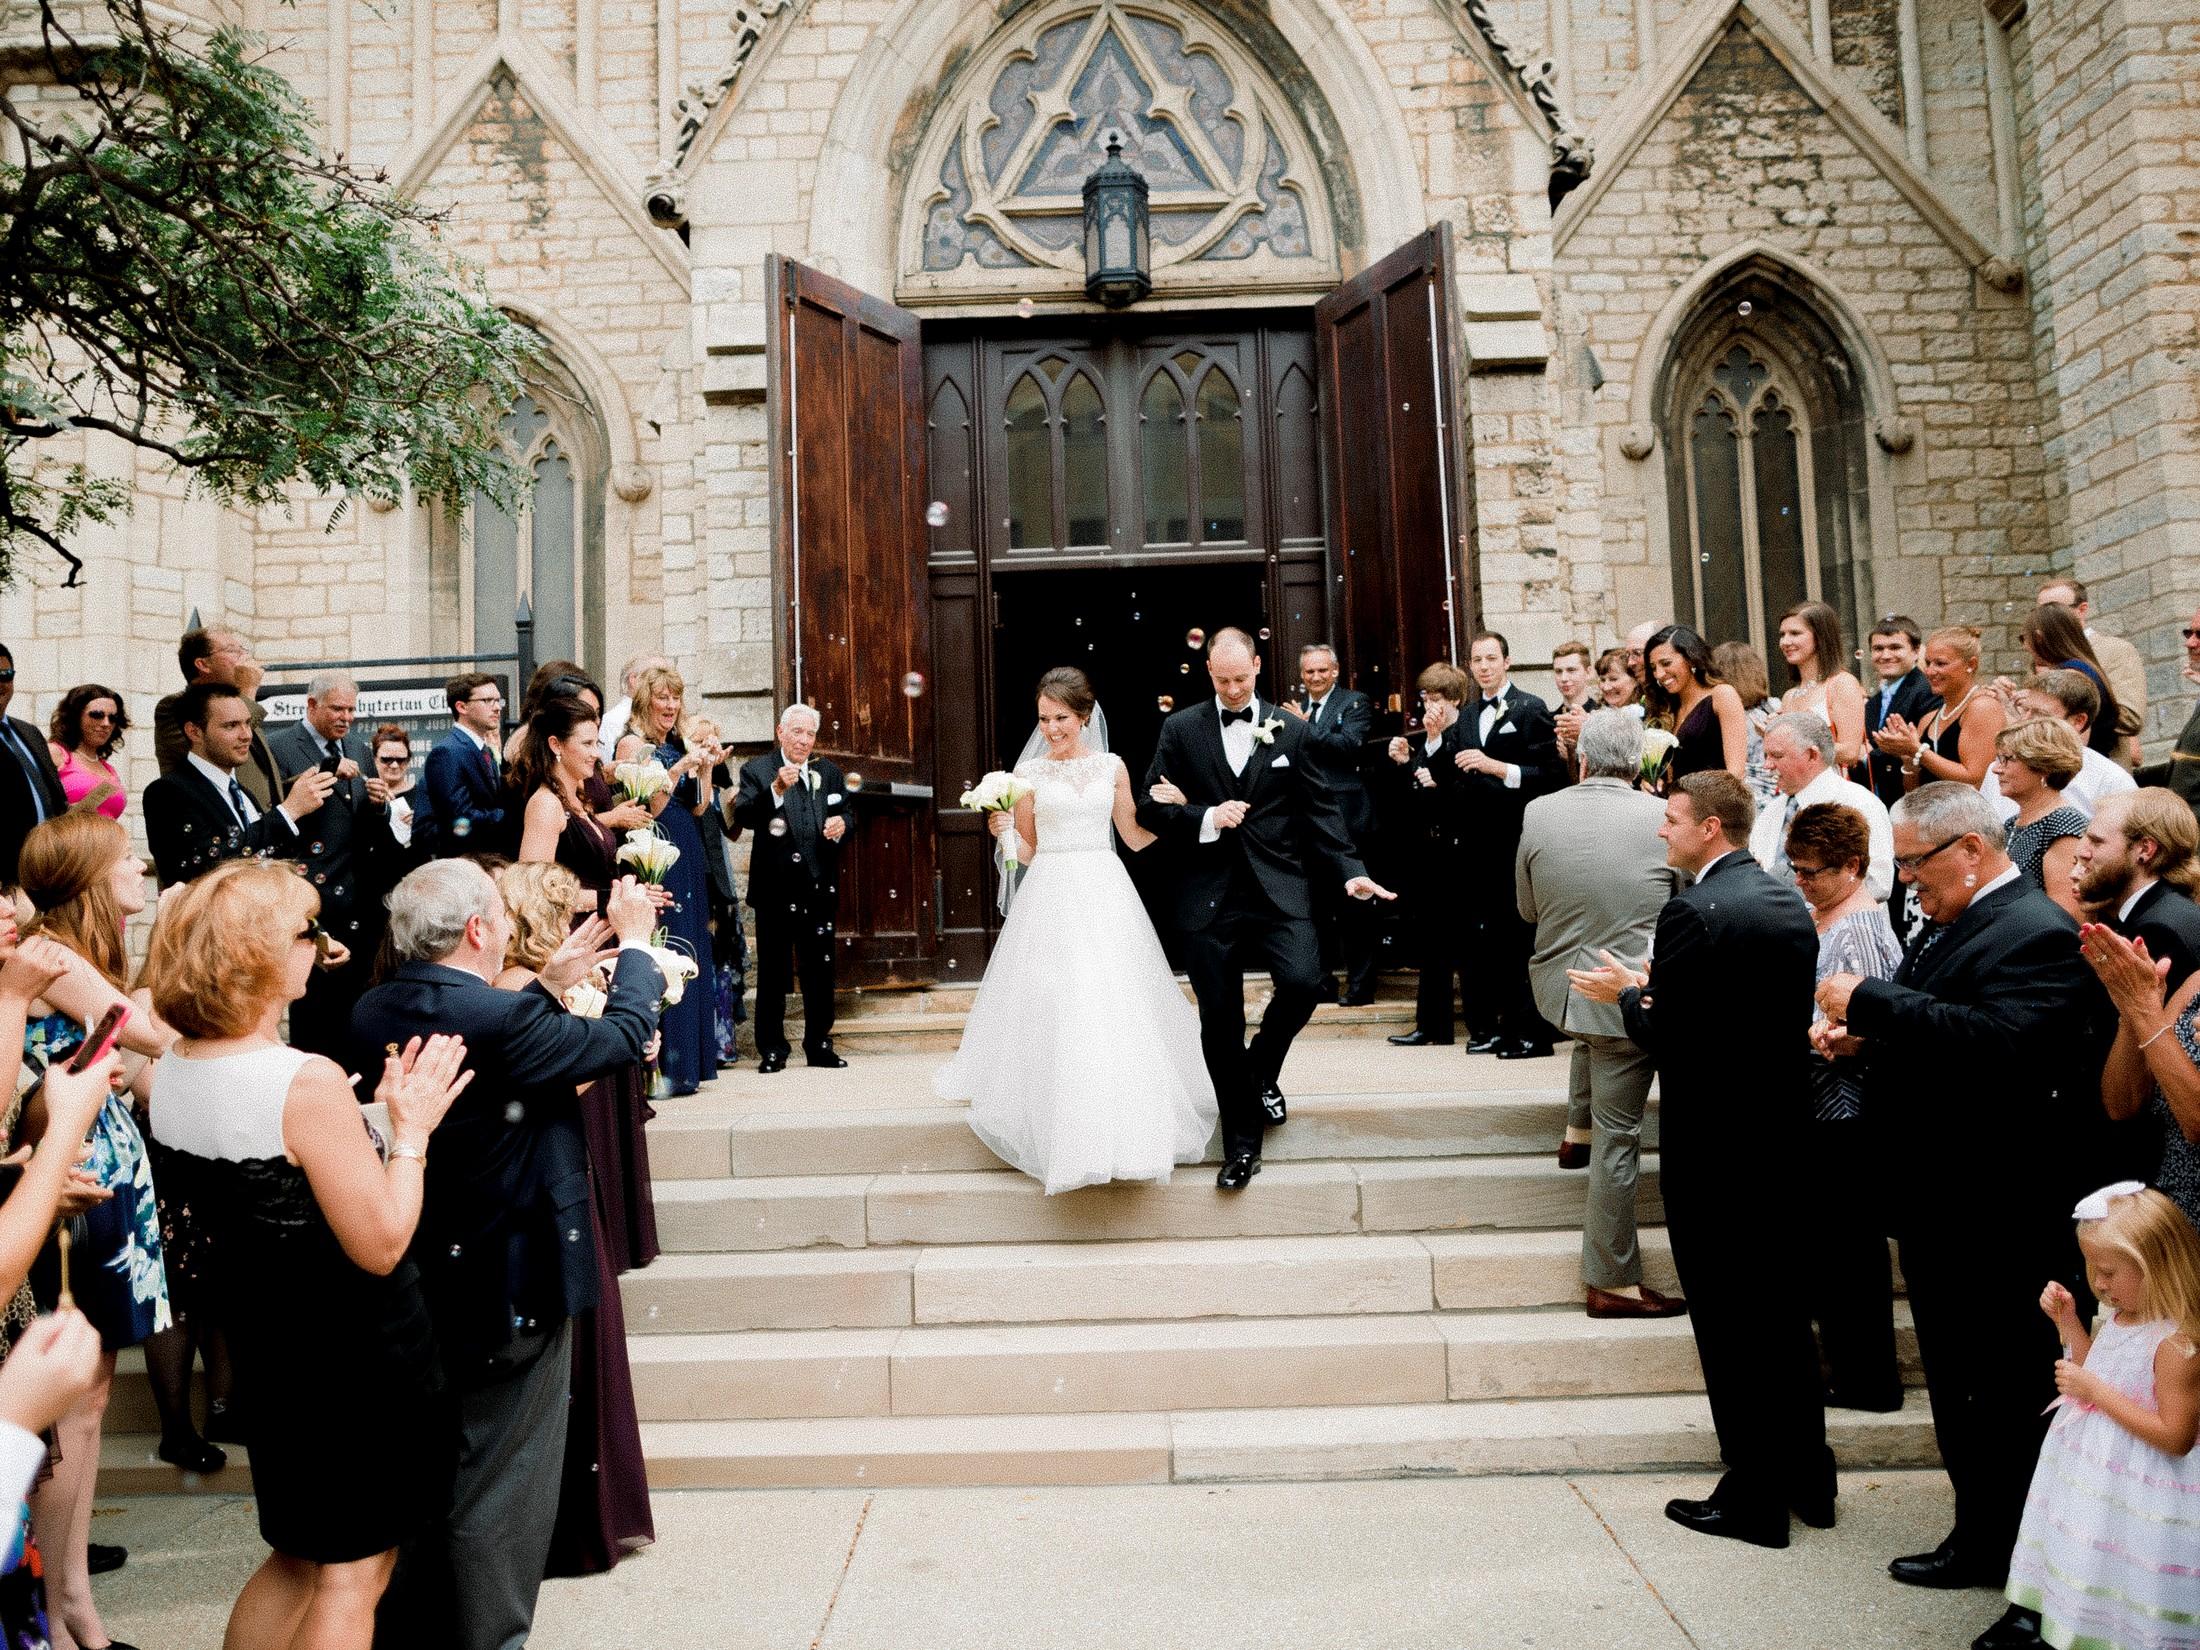 detroit_wedding_blaine_siesser_0029_std.jpg